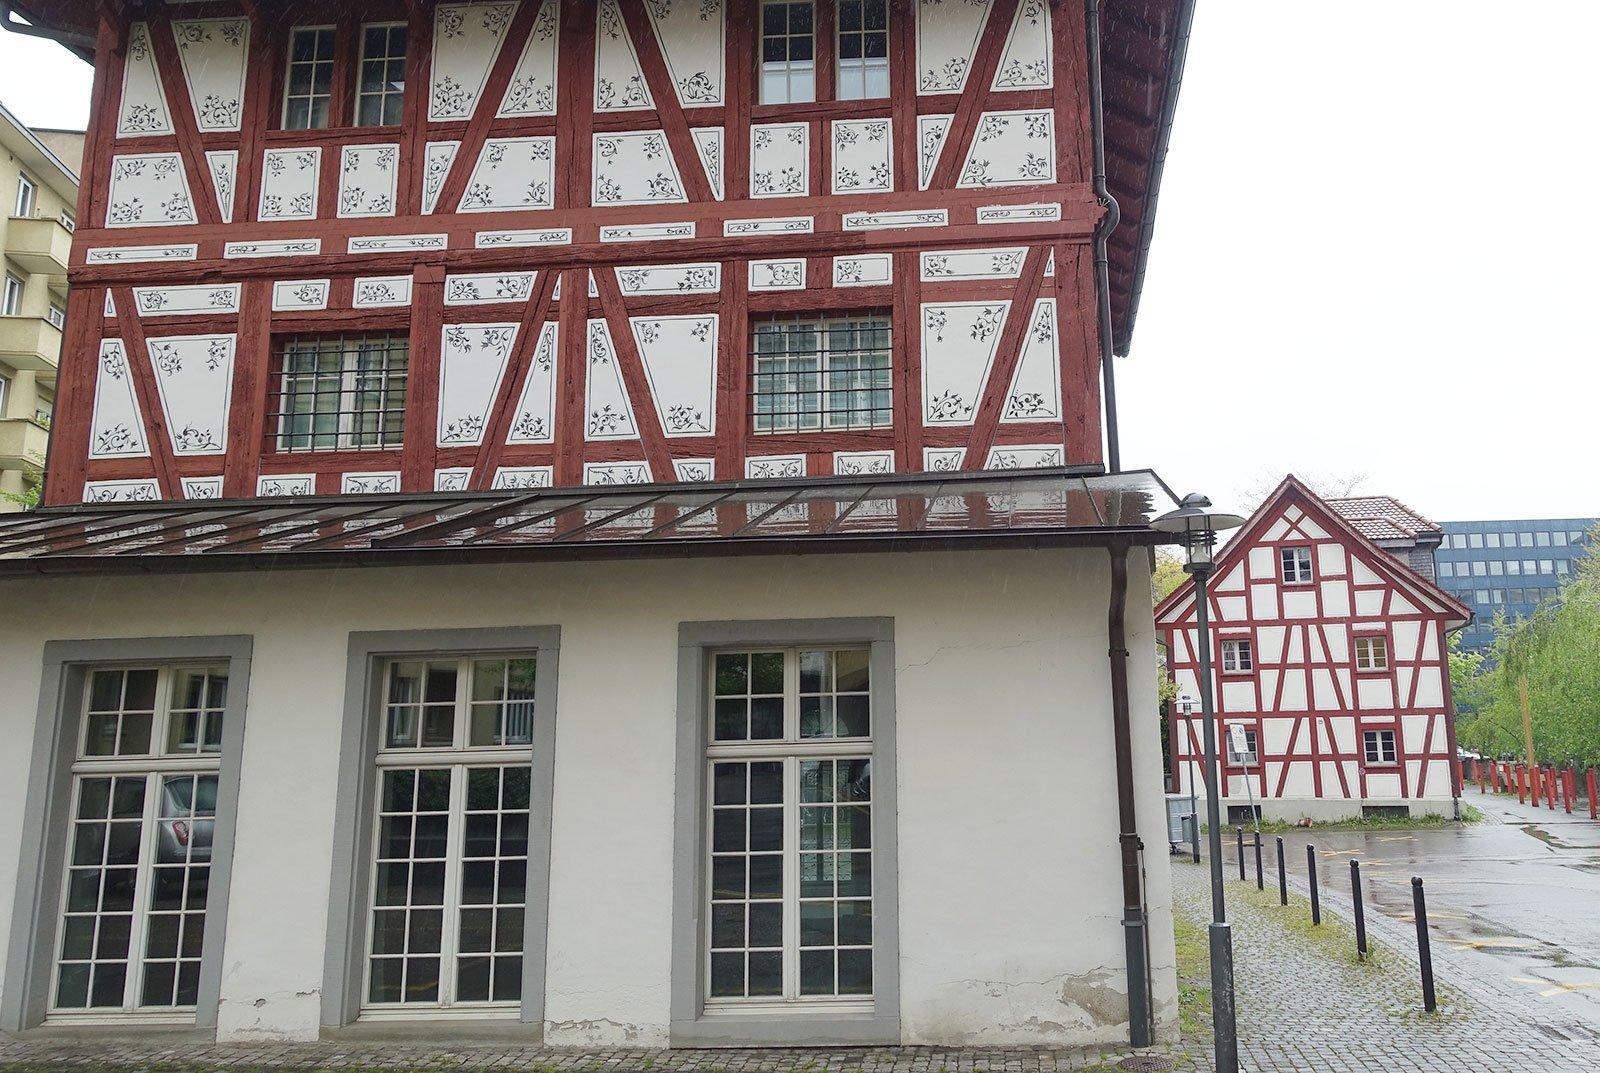 Das hintere kleinere Riegelhaus beim Pilatusplatz würde wegen des Hochhauses versetzt – für André Meyer eine falsche Lösung.